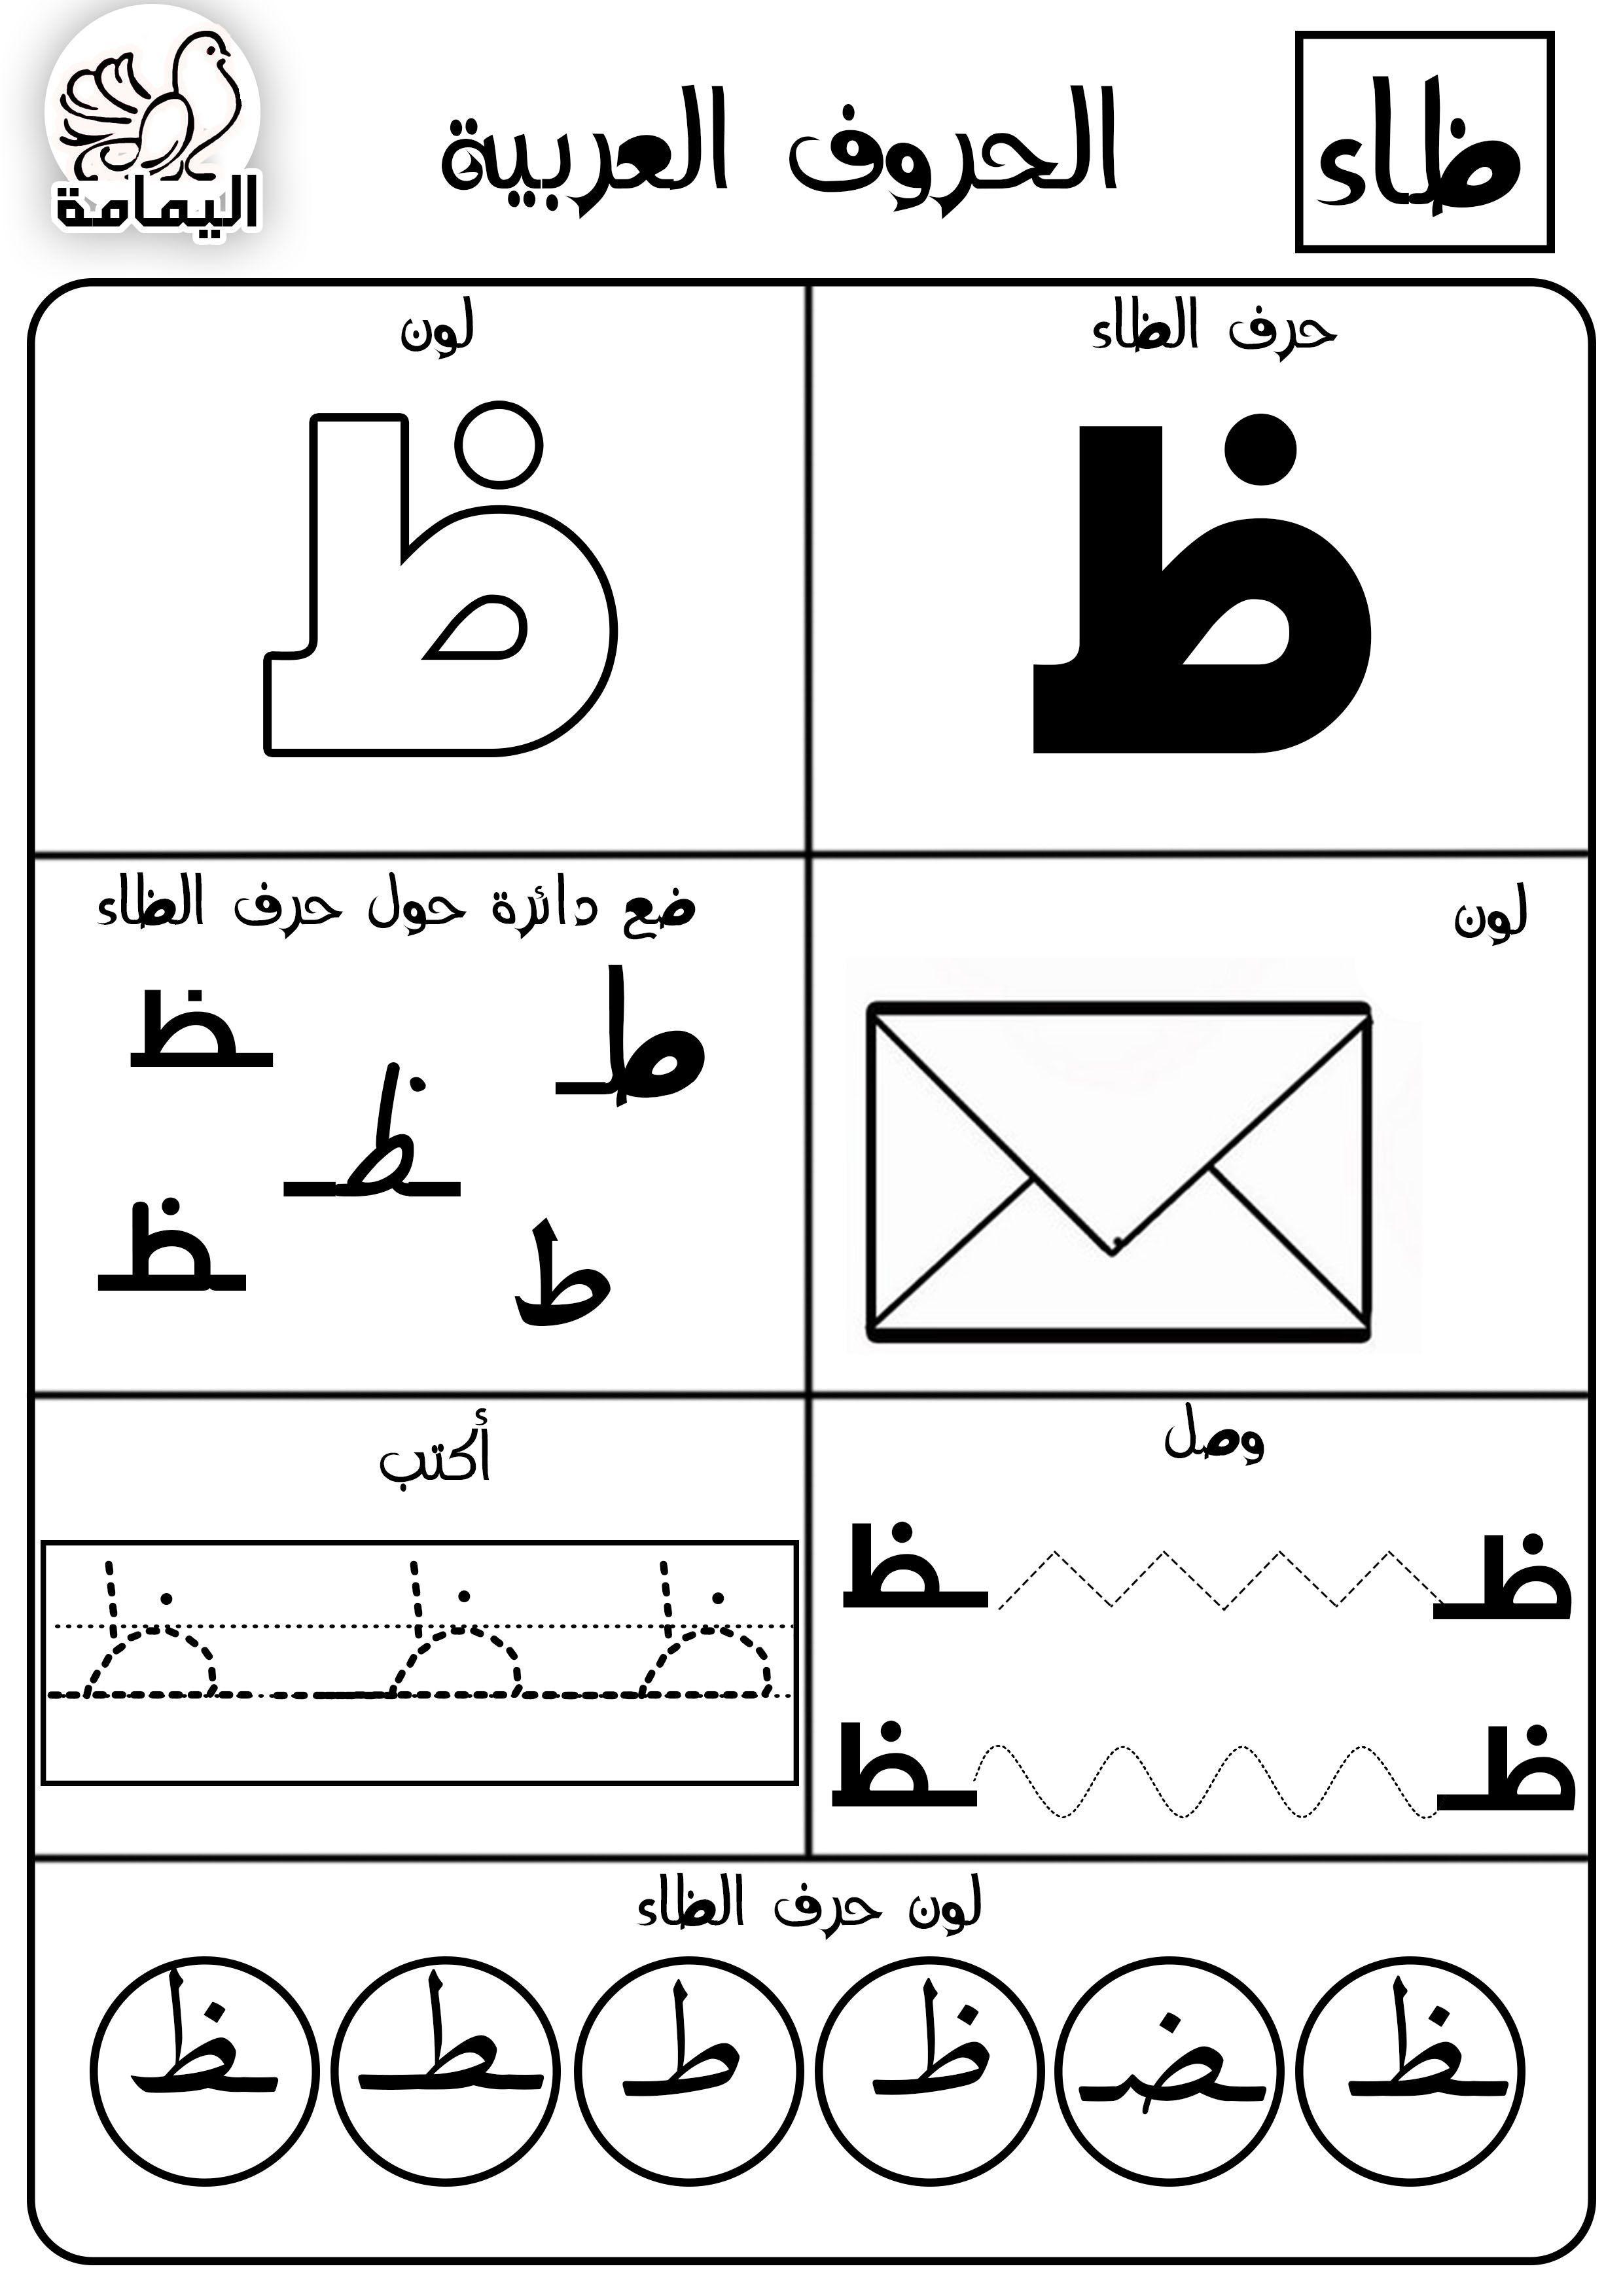 Pin By Ftooosh On Arabic Alphabet Learn Arabic Alphabet Learning Arabic Arabic Alphabet Letters